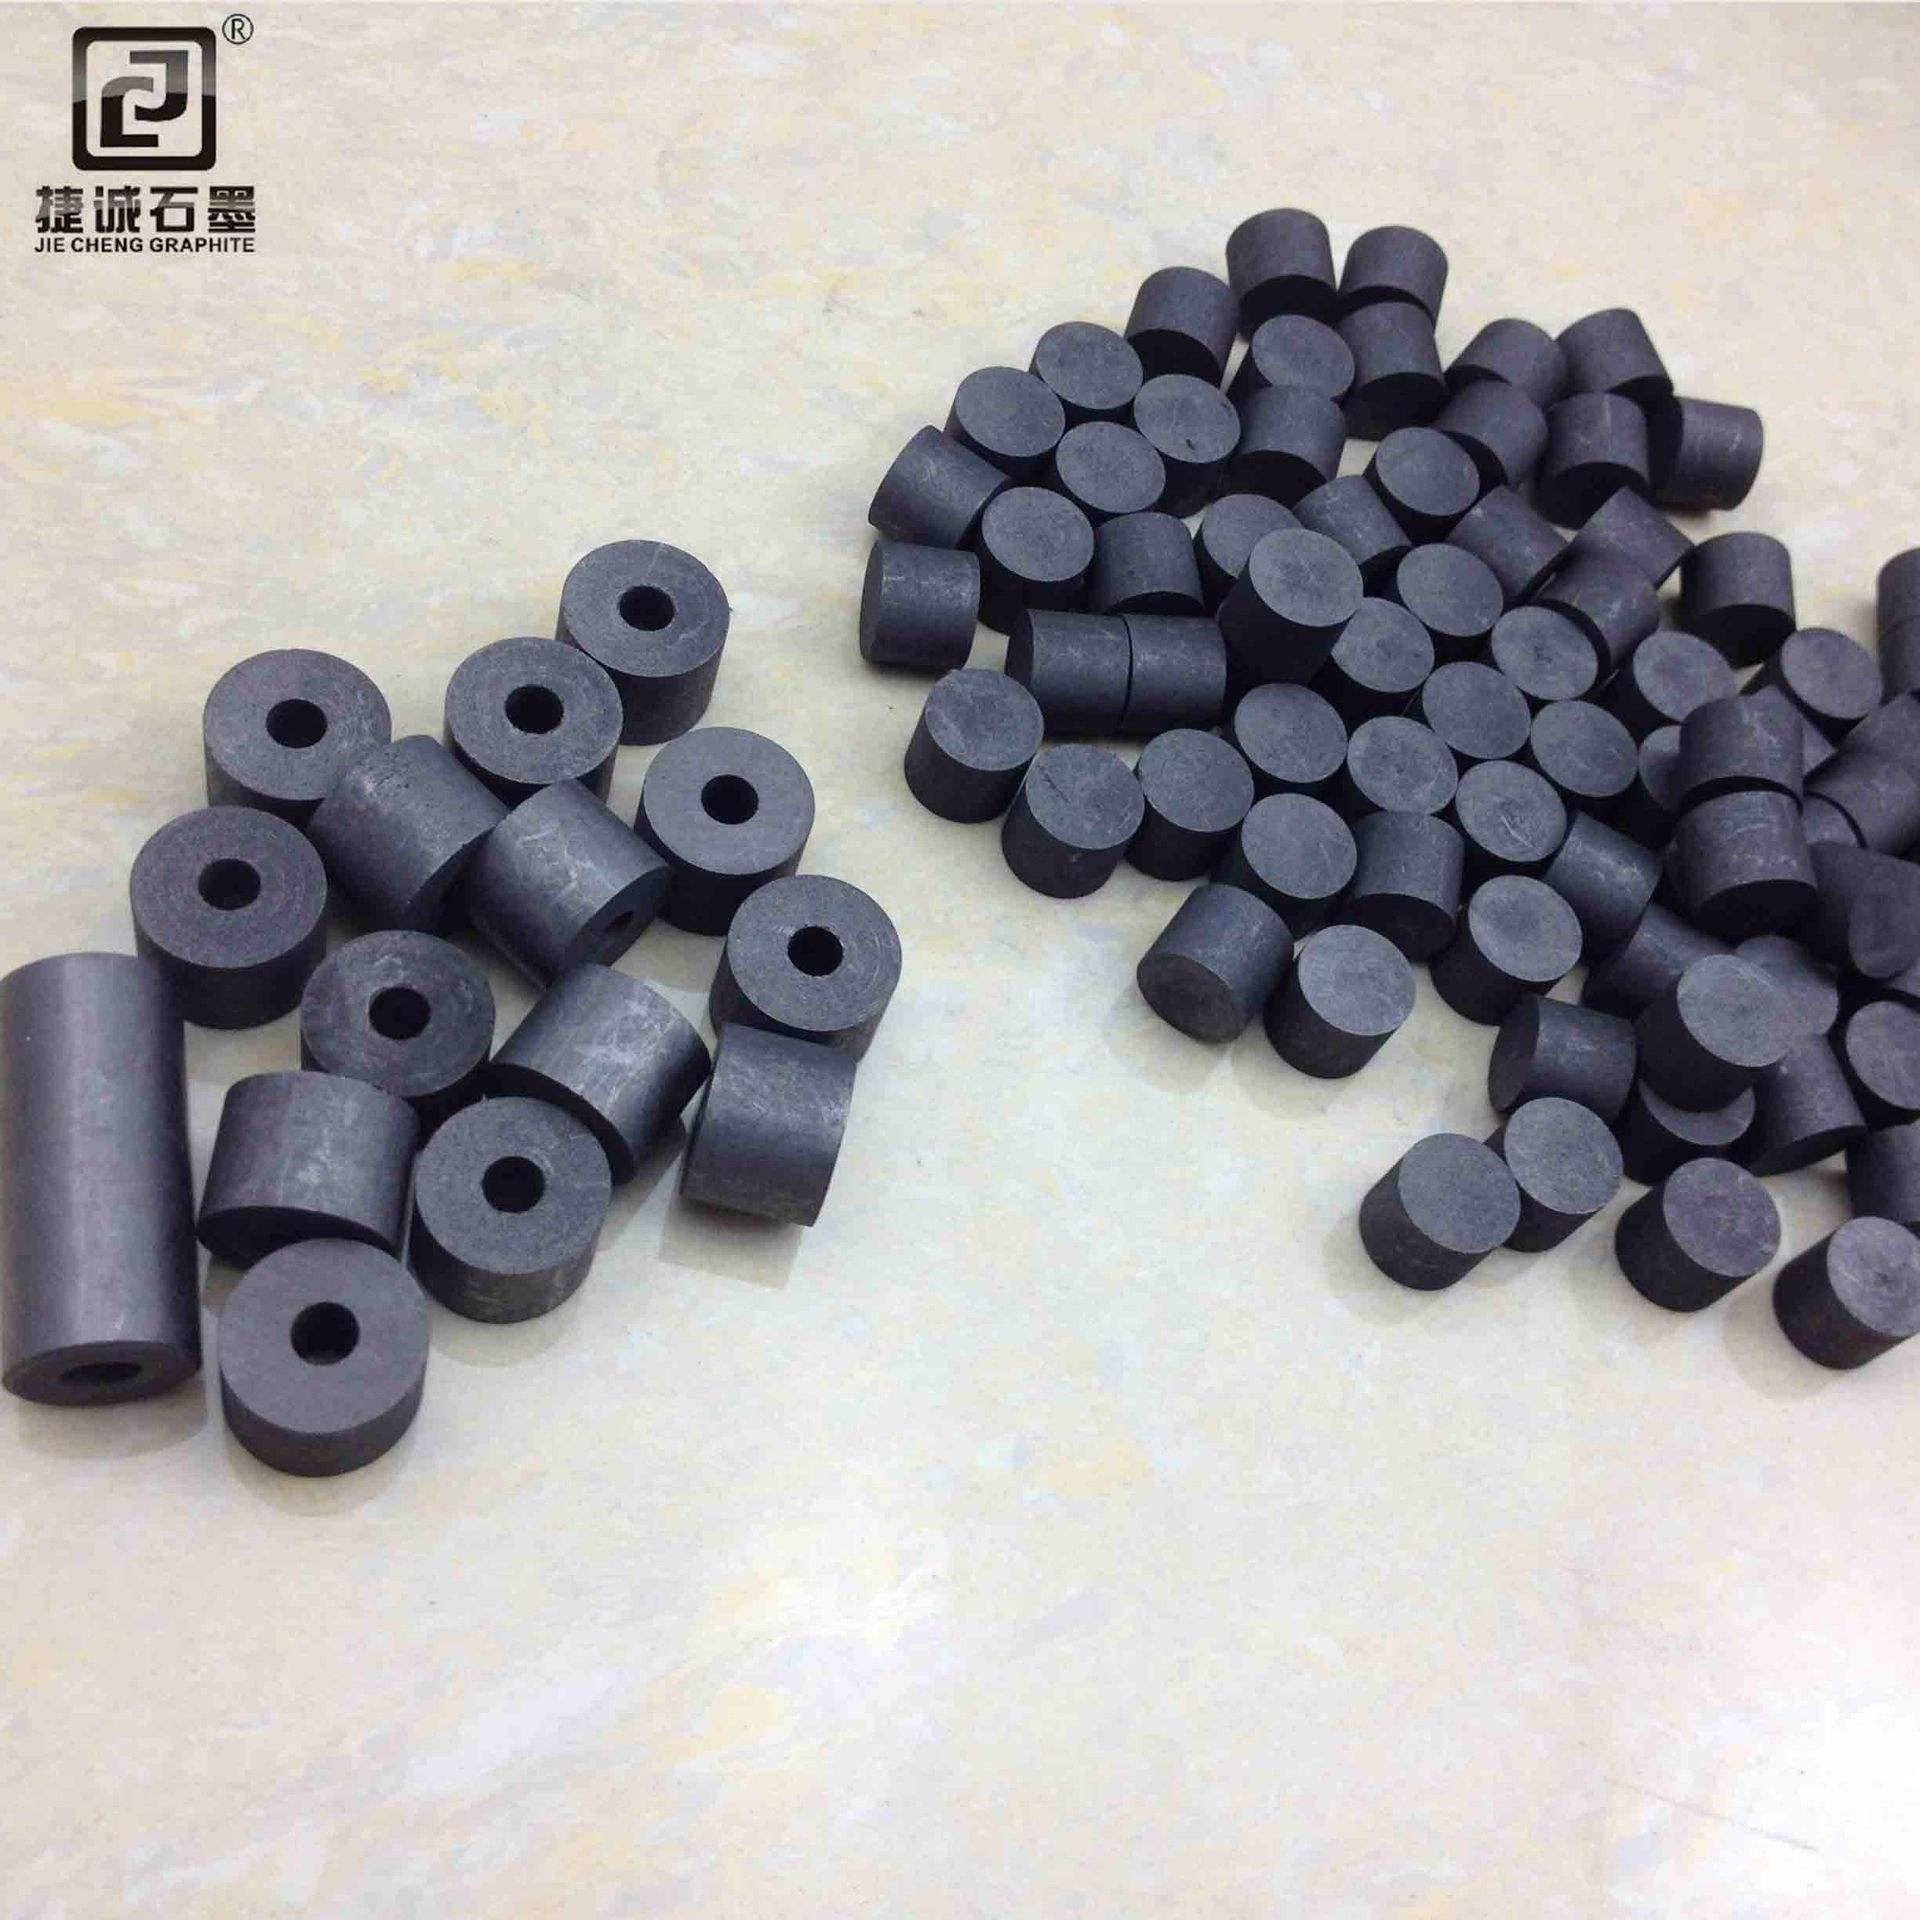 石墨柱成型方式分为两种